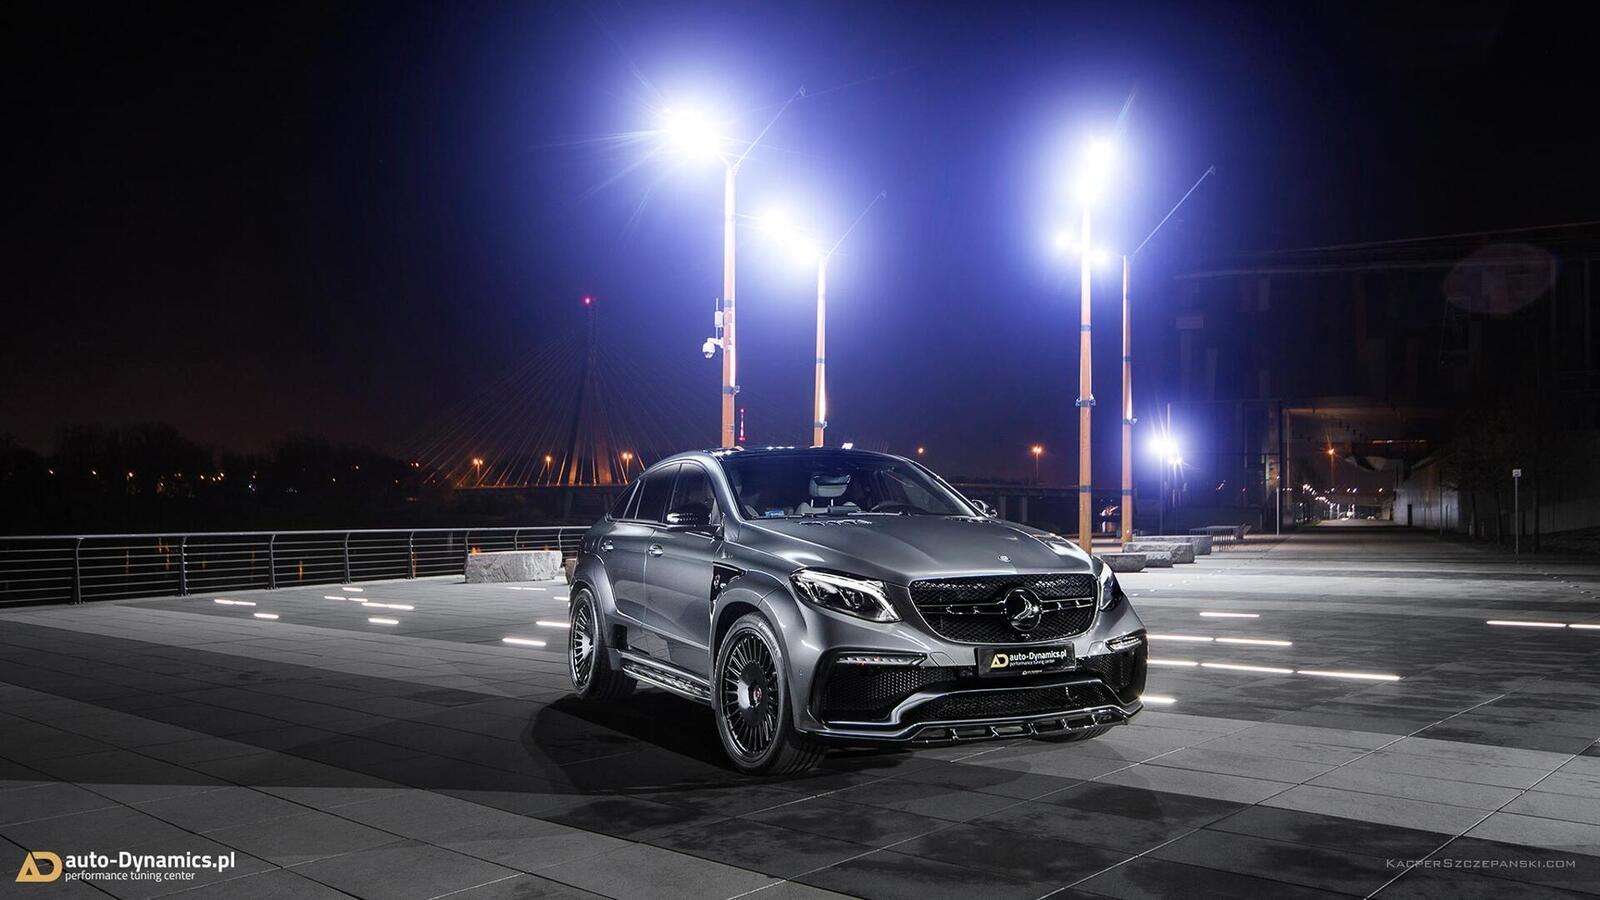 Mercedes-AMG GLE 63 S Coupe độ công suất lên 795 mã lực; tăng tốc 0-100 km/h trong 3,25 giây - Hình 3